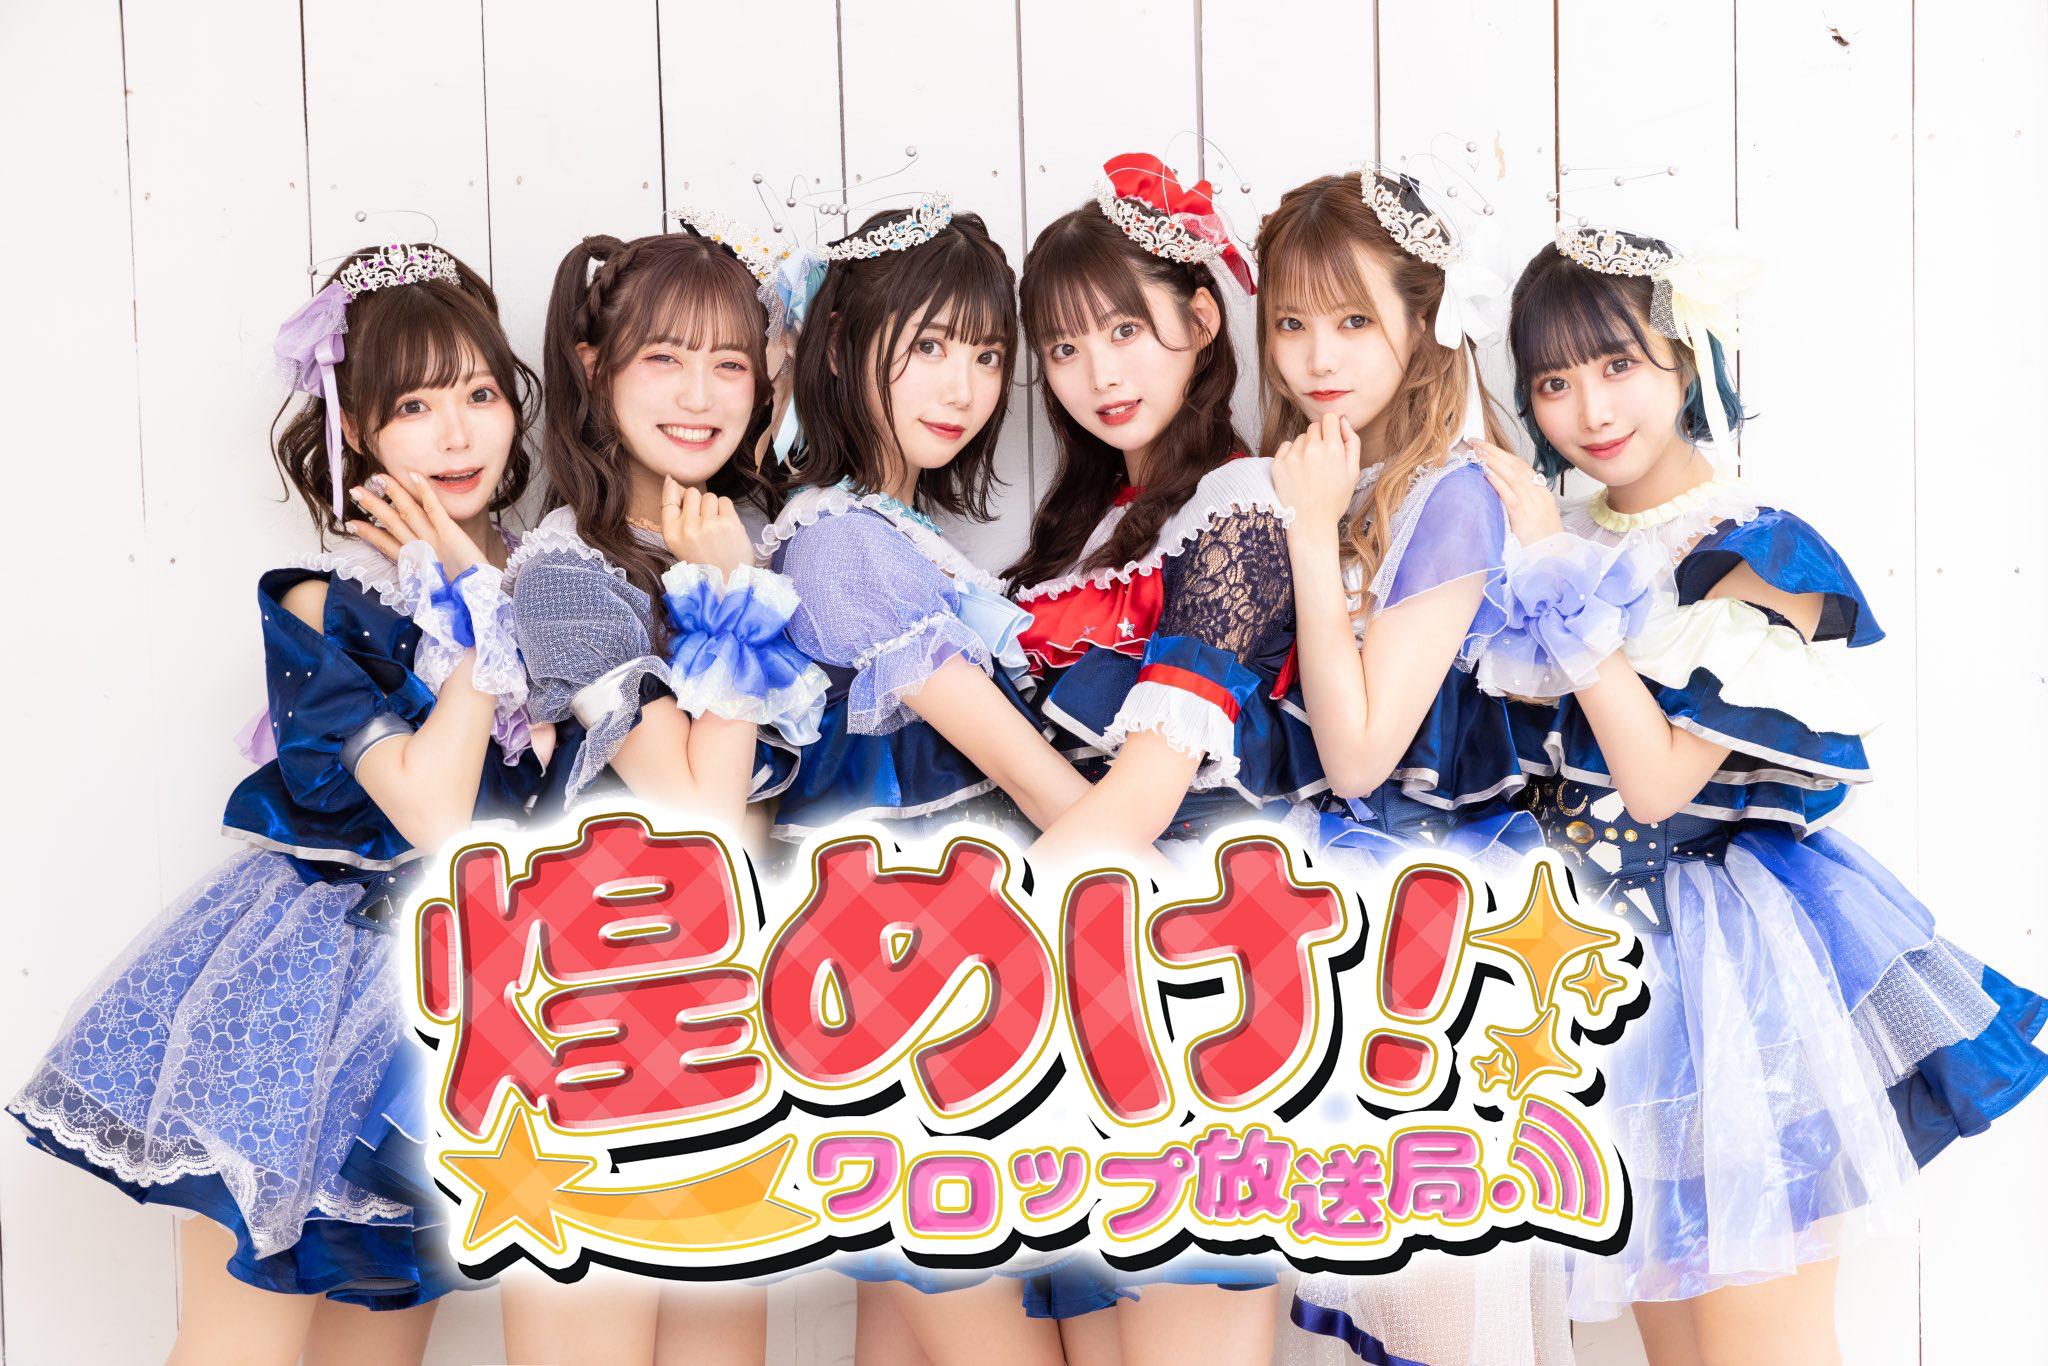 【2021年9月17日(金)】煌めけ!ワロップ放送局(#8)